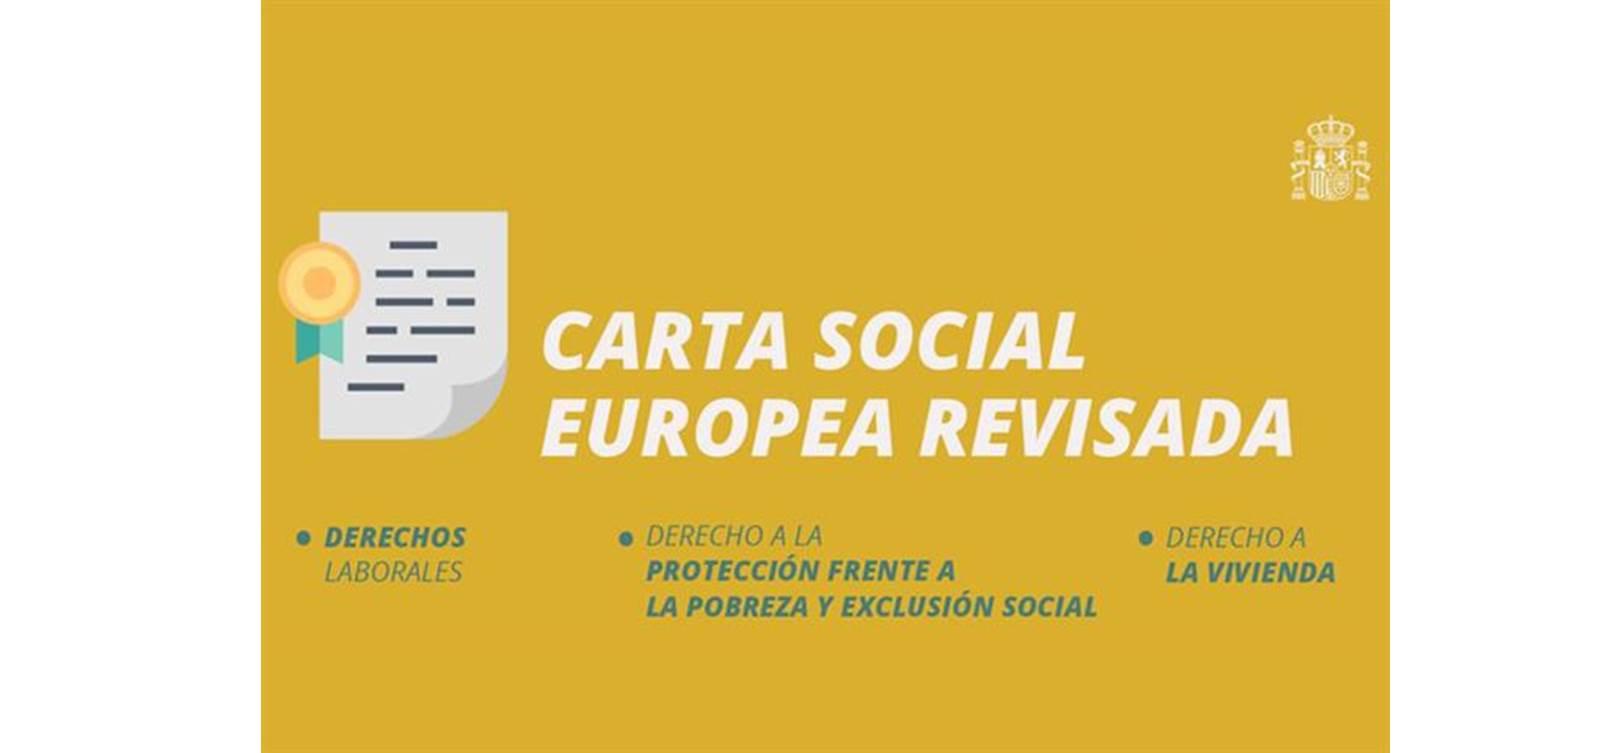 Carta-social-europea-derechos-sociales